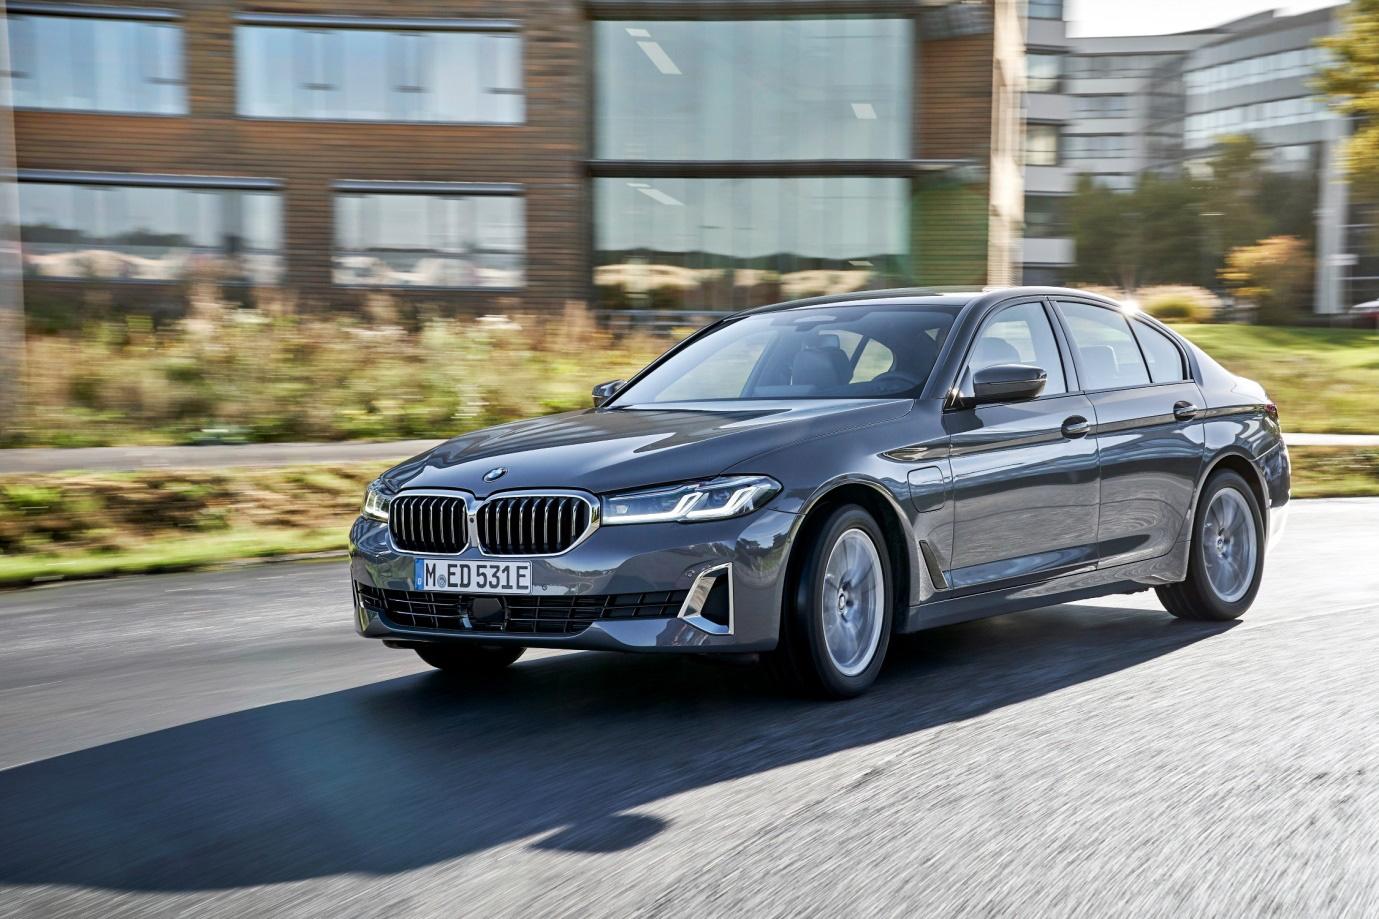 BMW 5 Series phiên bản mới sắp ra mắt tại Việt Nam - Ảnh 1.